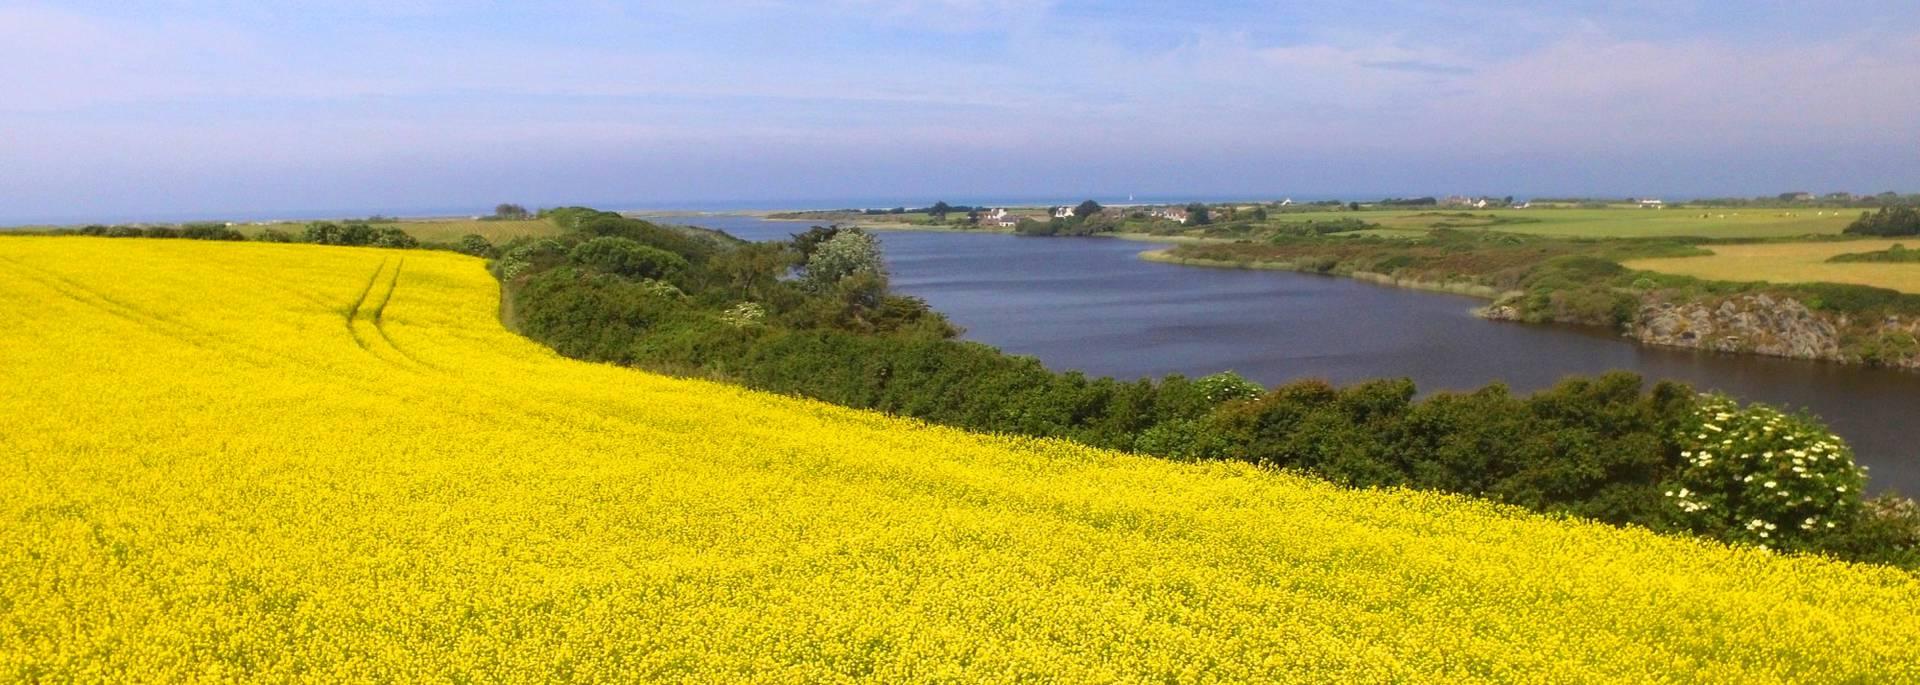 Etang de Trunvel lake at Tréogat, Pays Bigouden © Air Pixel Concept